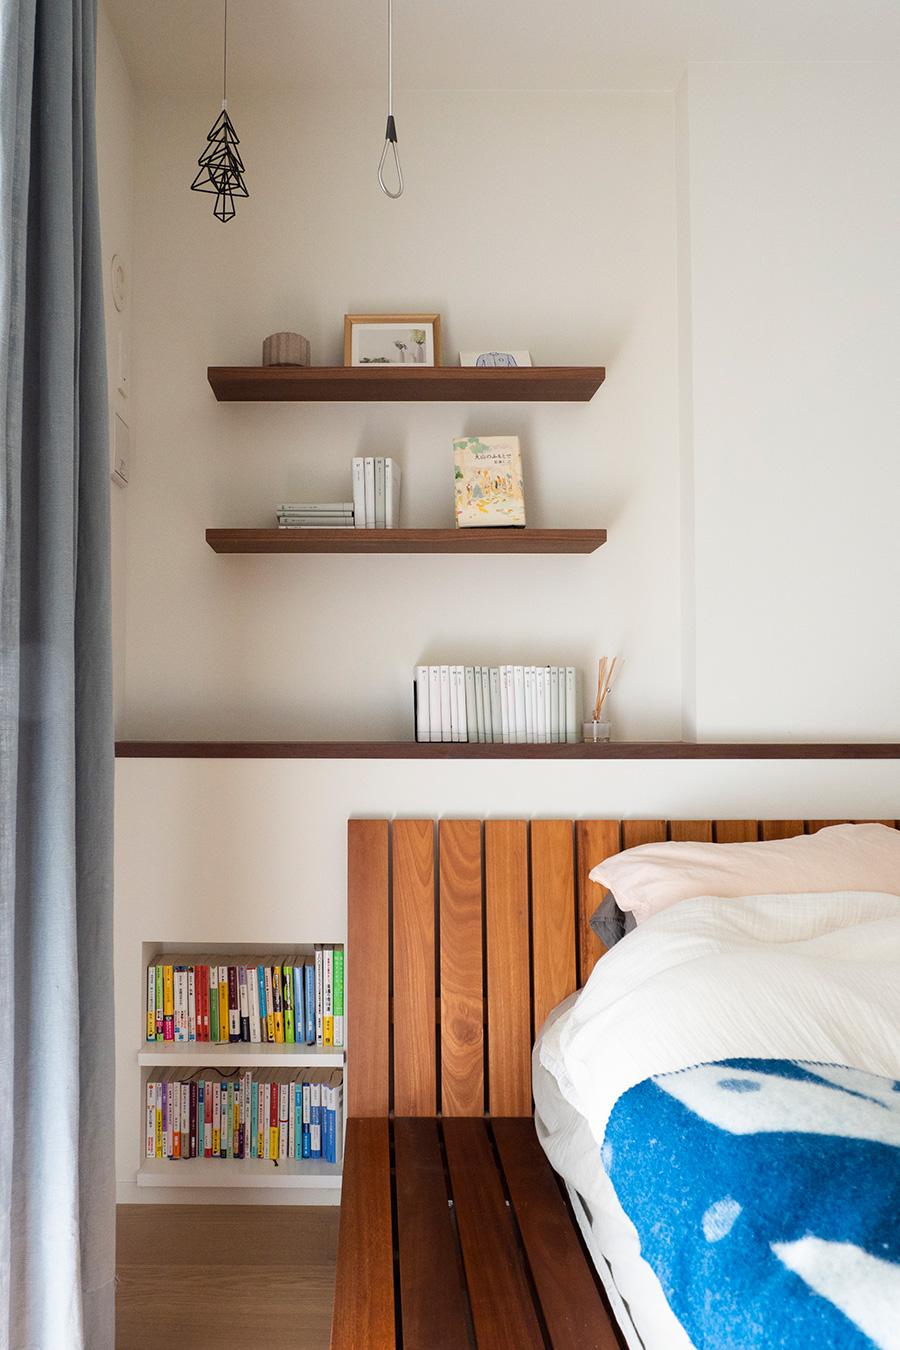 視線の高さには棚を取り付け、ディスプレイを楽しめるようにした。見えにくい下の位置には本棚を。